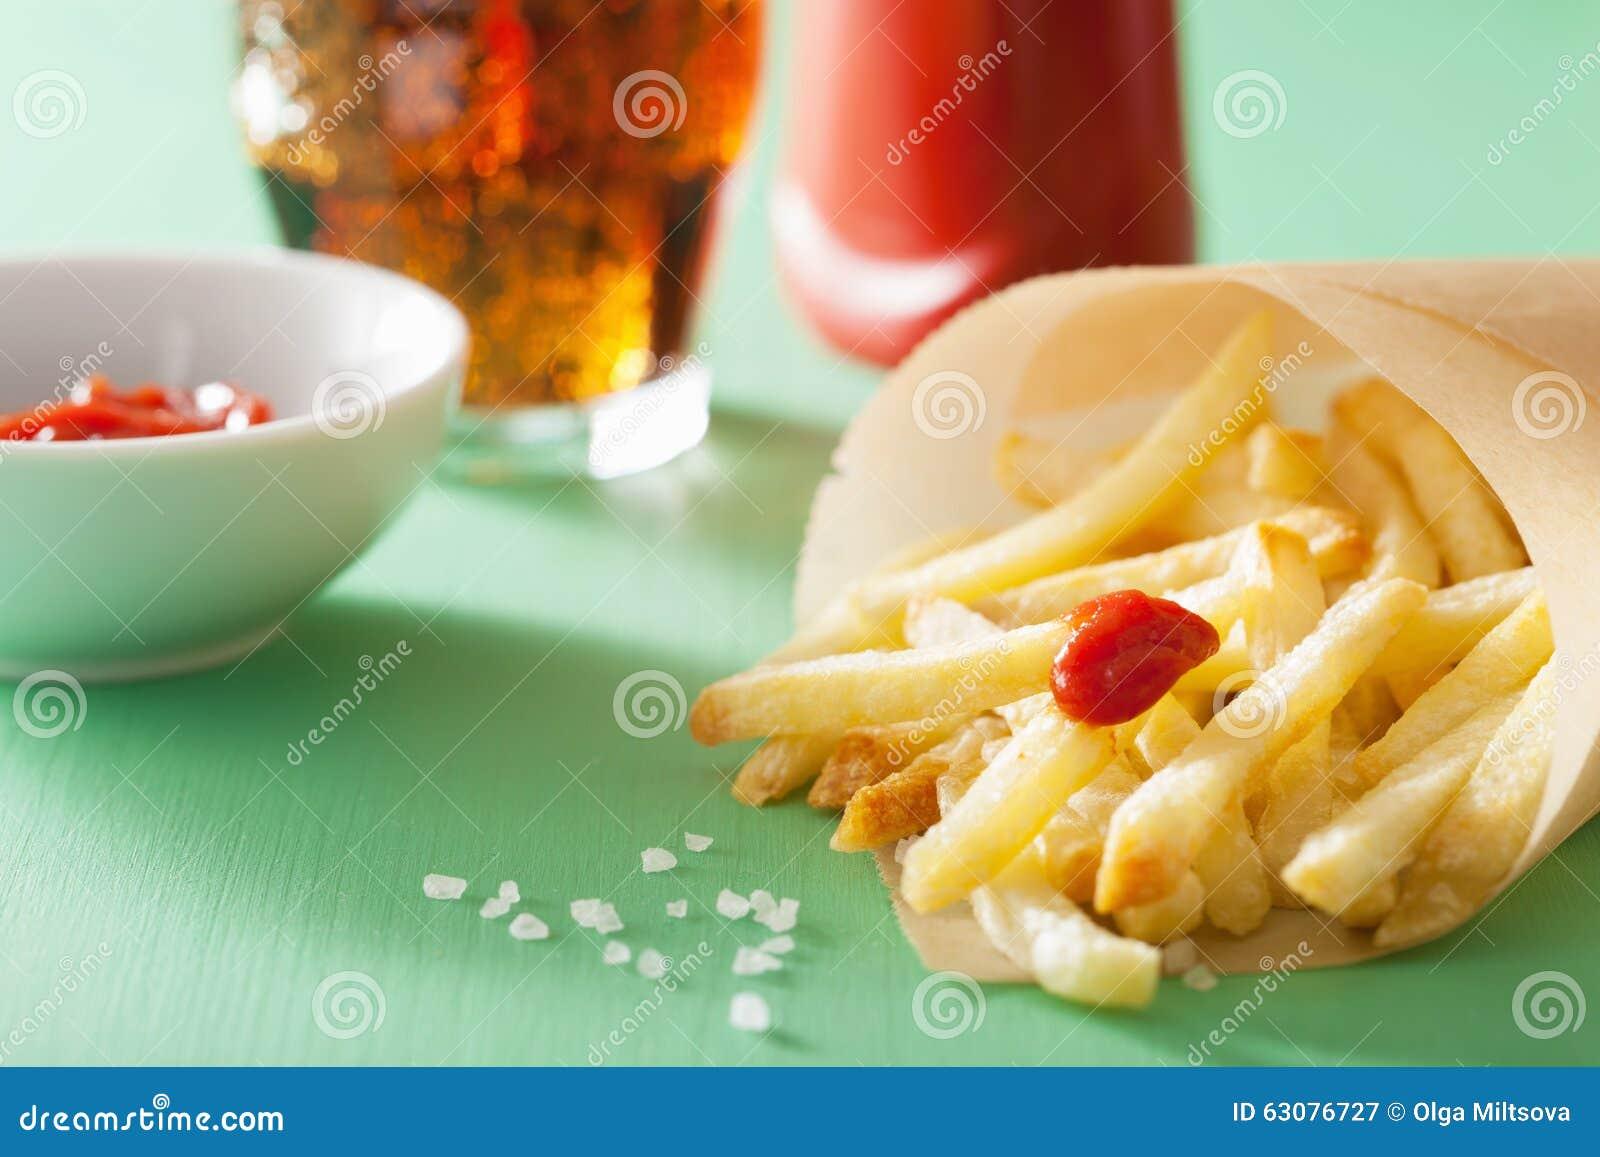 Download Pommes Frites Avec Le Ketchup Au-dessus Du Fond Vert Image stock - Image du portion, calories: 63076727